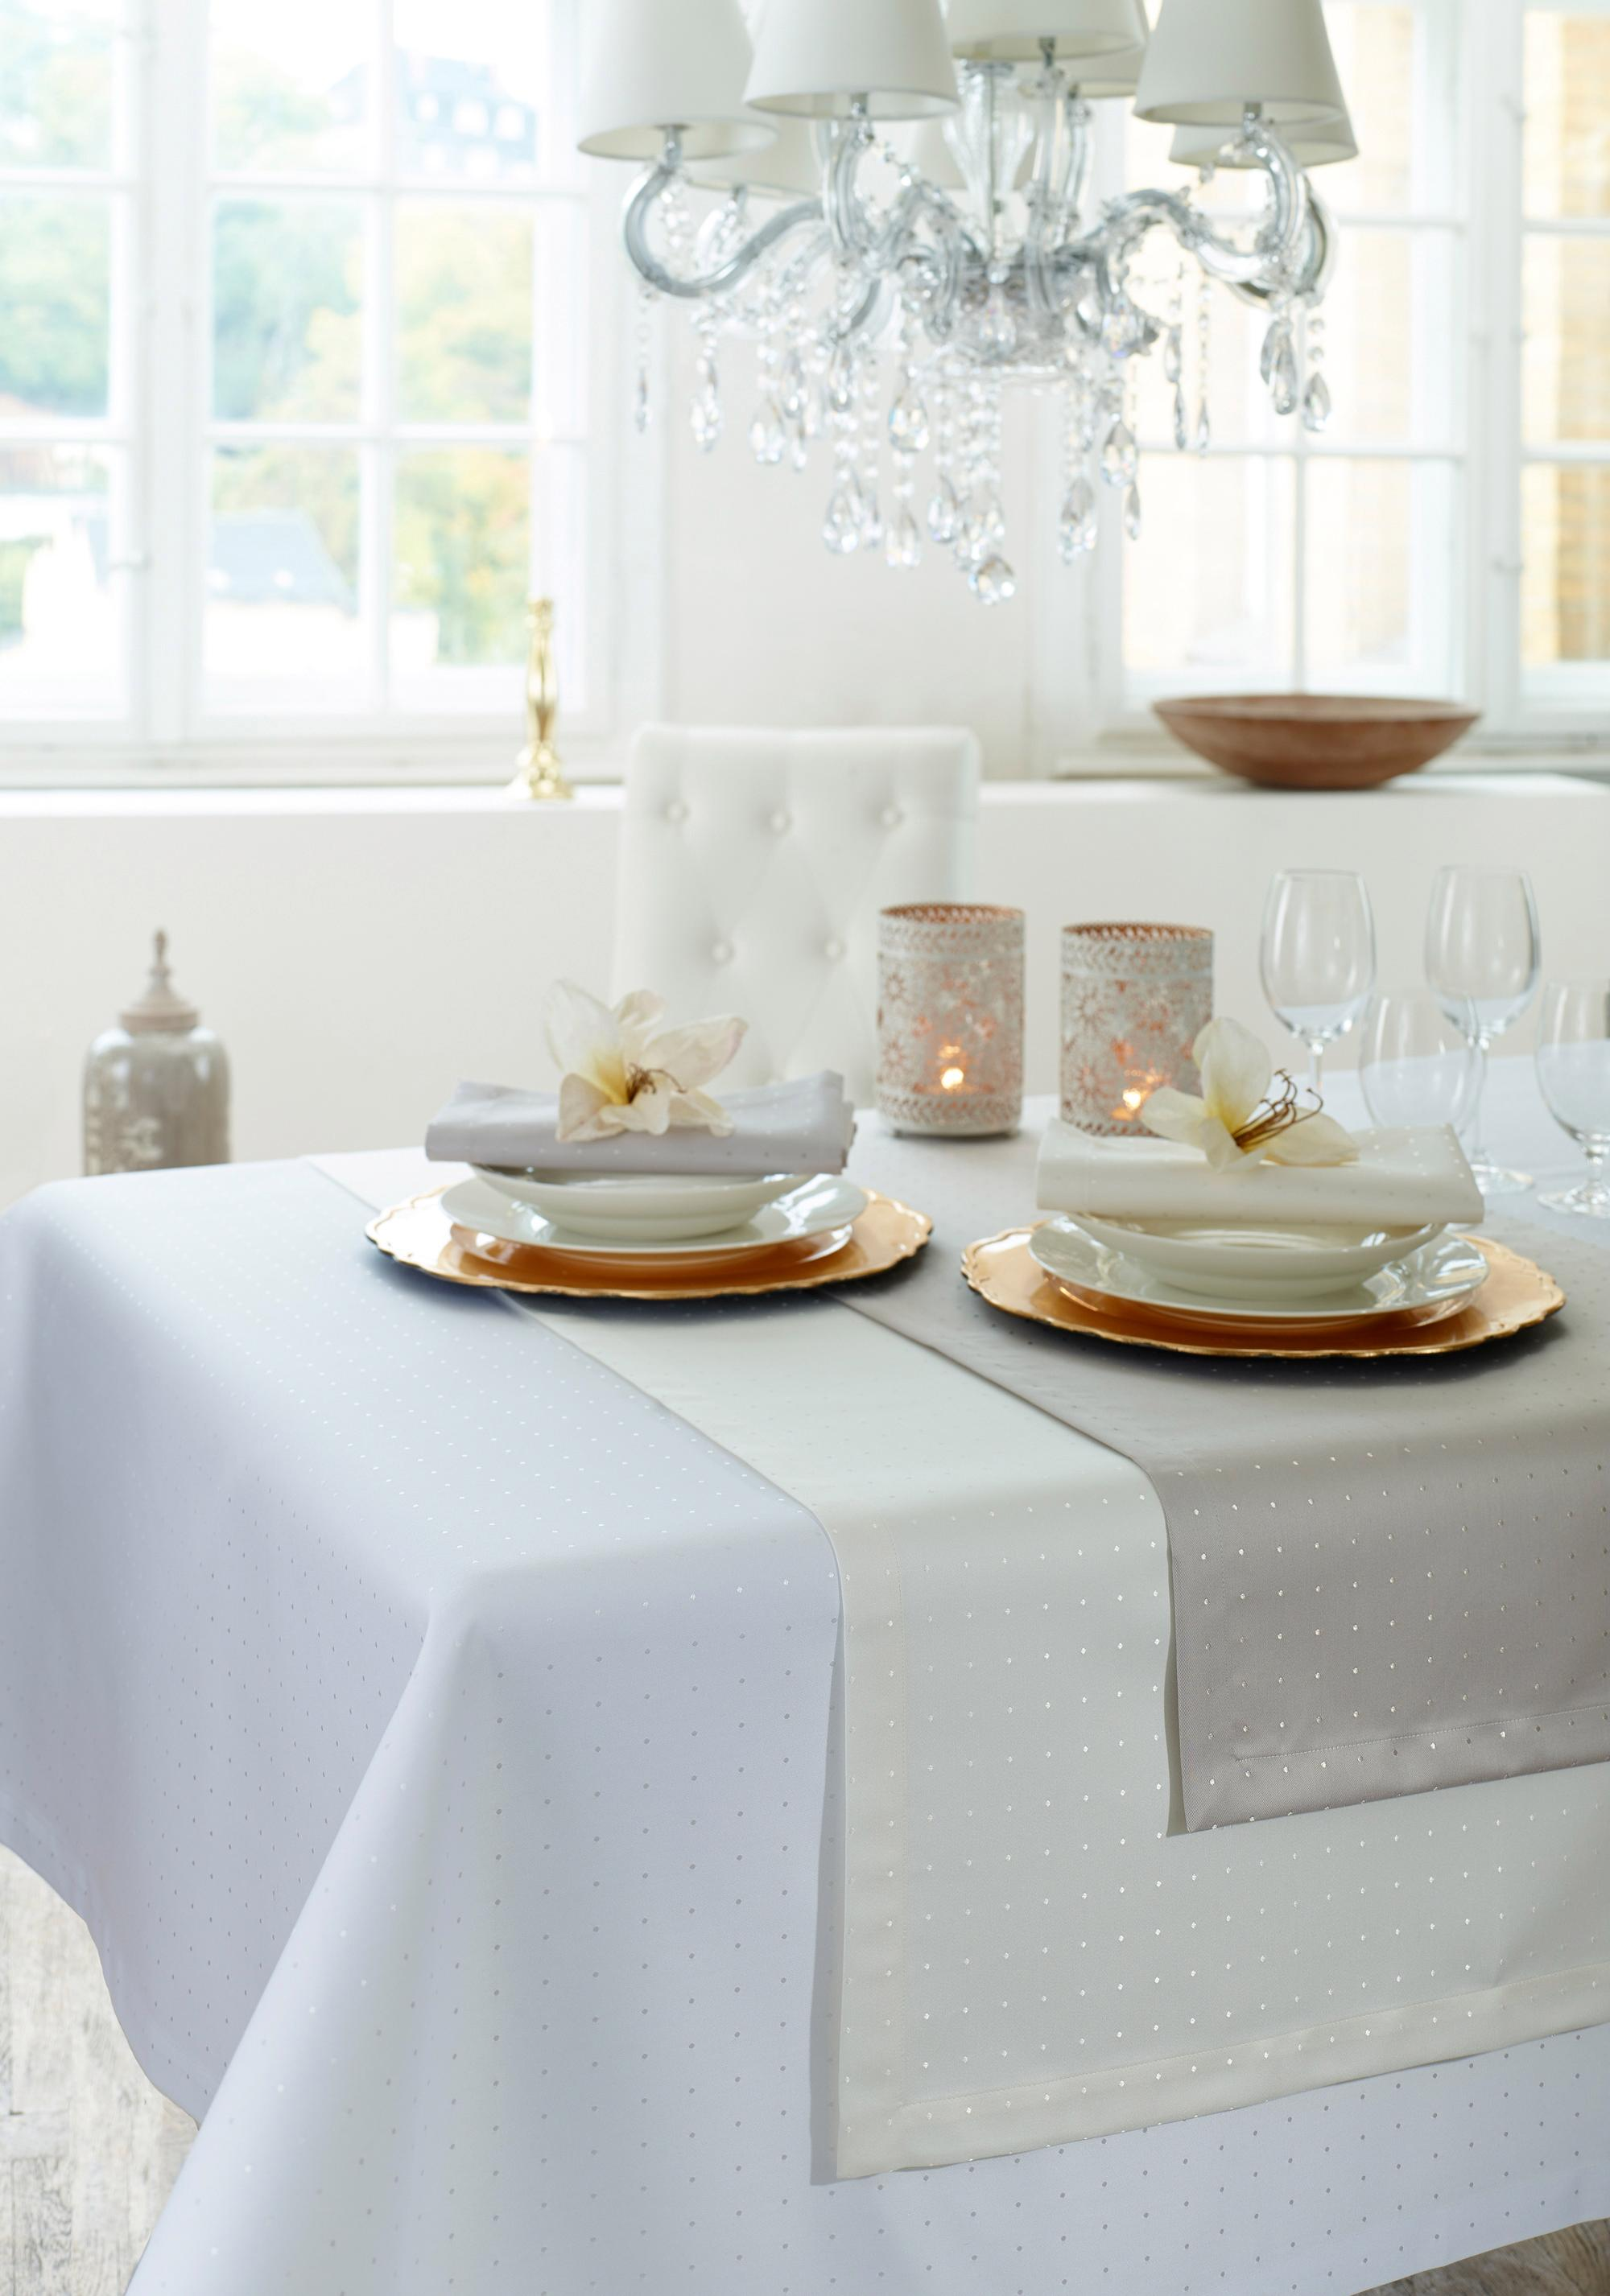 Curt Bauer Stoffserviette Damast, 3815 Petito, (Set, 2 St.) beige Stoffservietten Tischwäsche